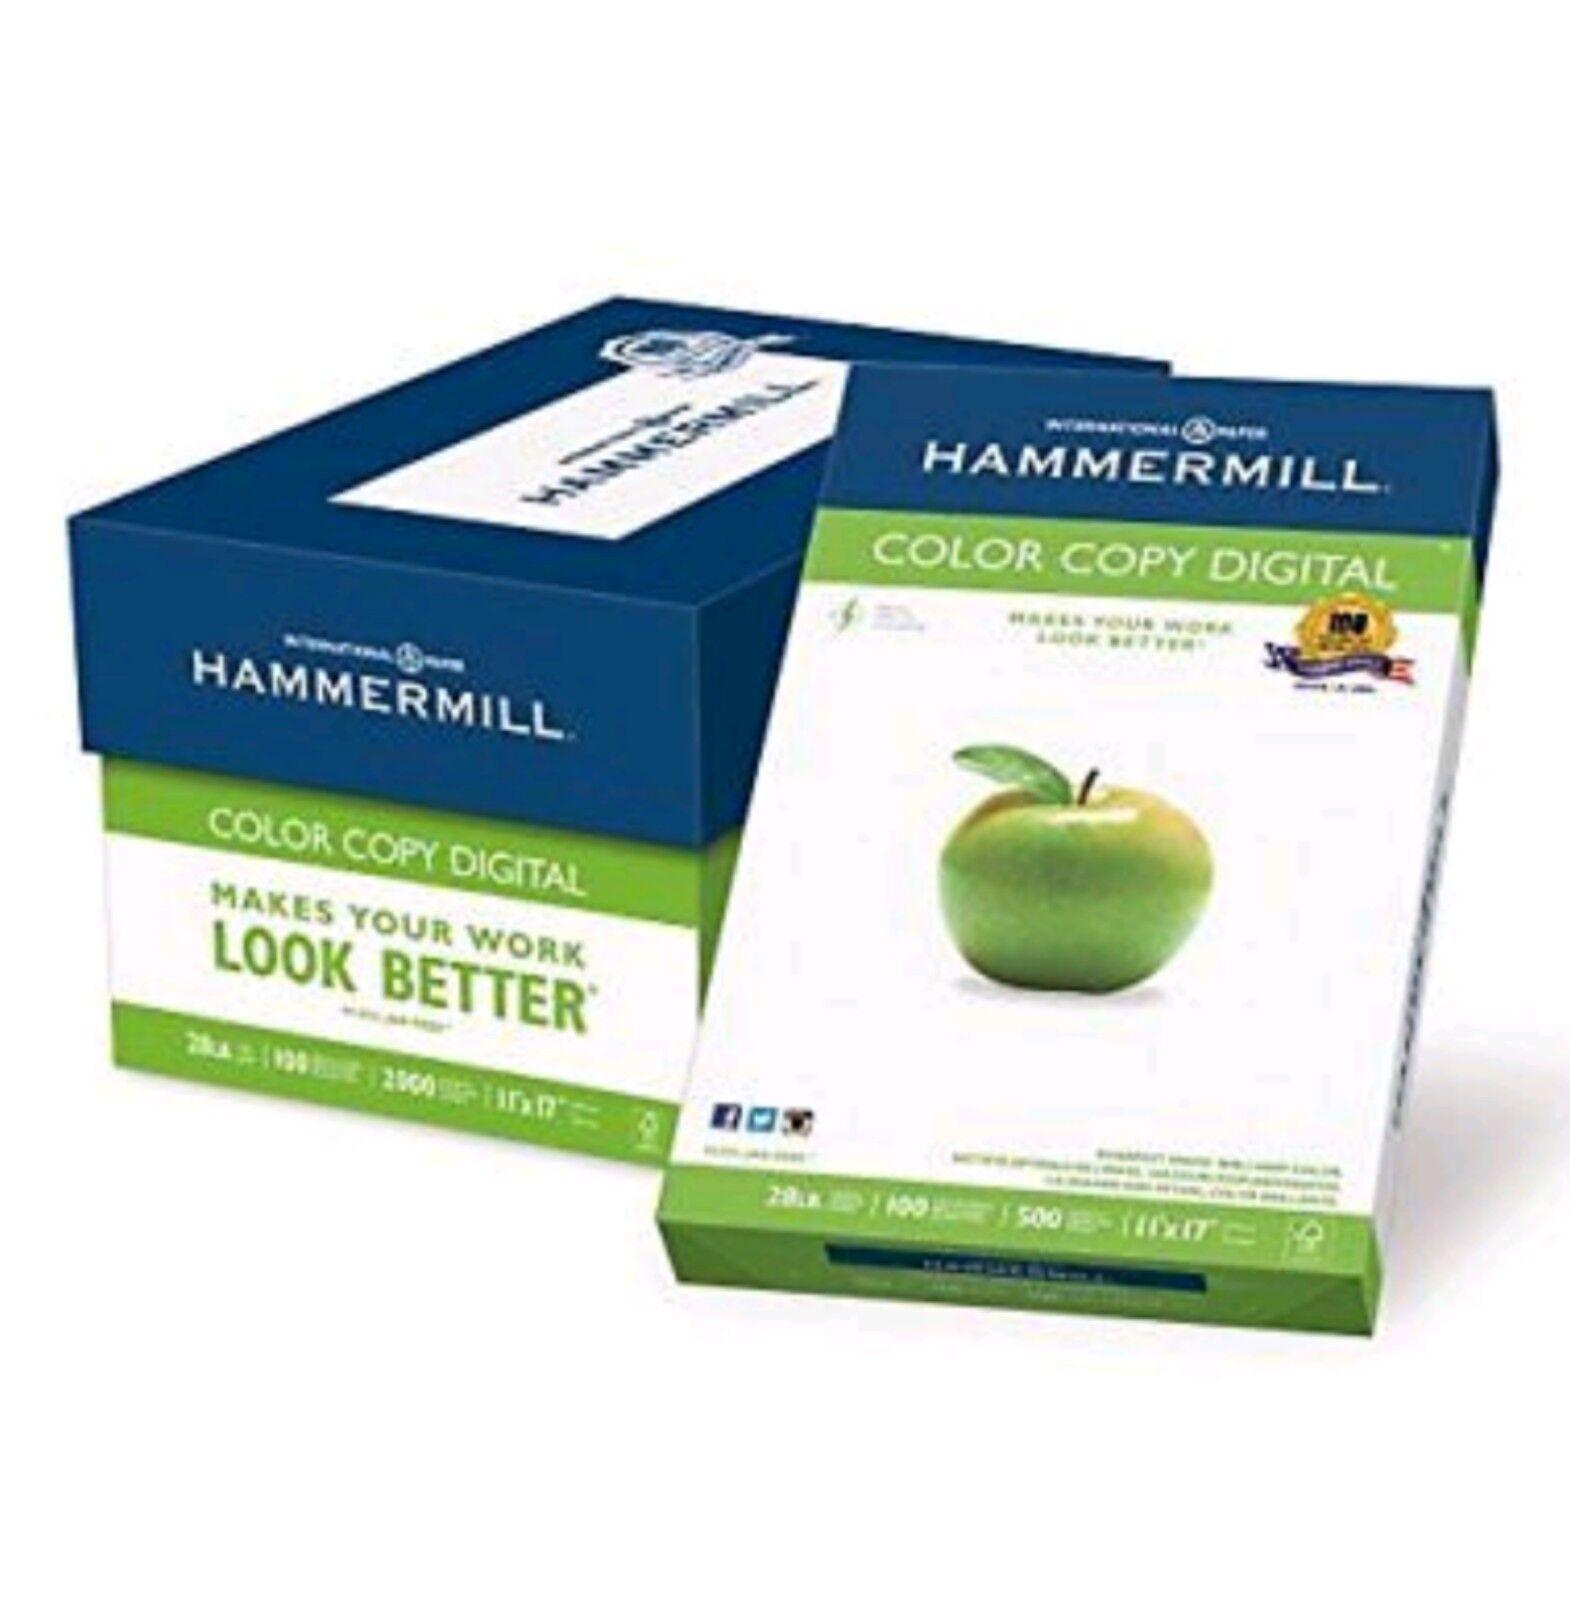 Hammermill Paper, color Copy Digital, 28x 17, Ledger, 100 Briht 2000 Sheet